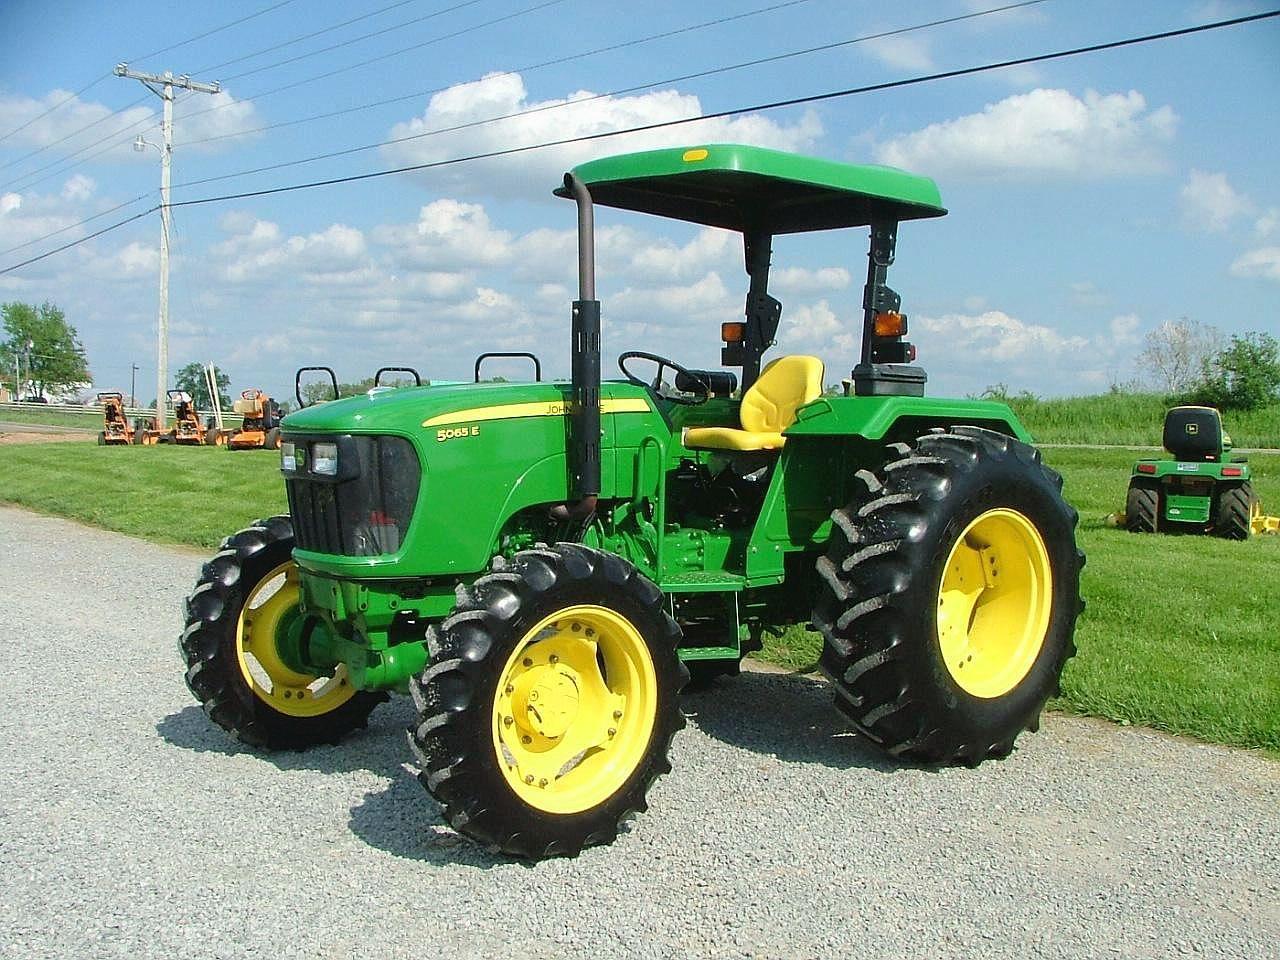 Photo of Обезбедени се повеќе од 150 трактори  со финансиска поддршка во Неготино и Демир Капија